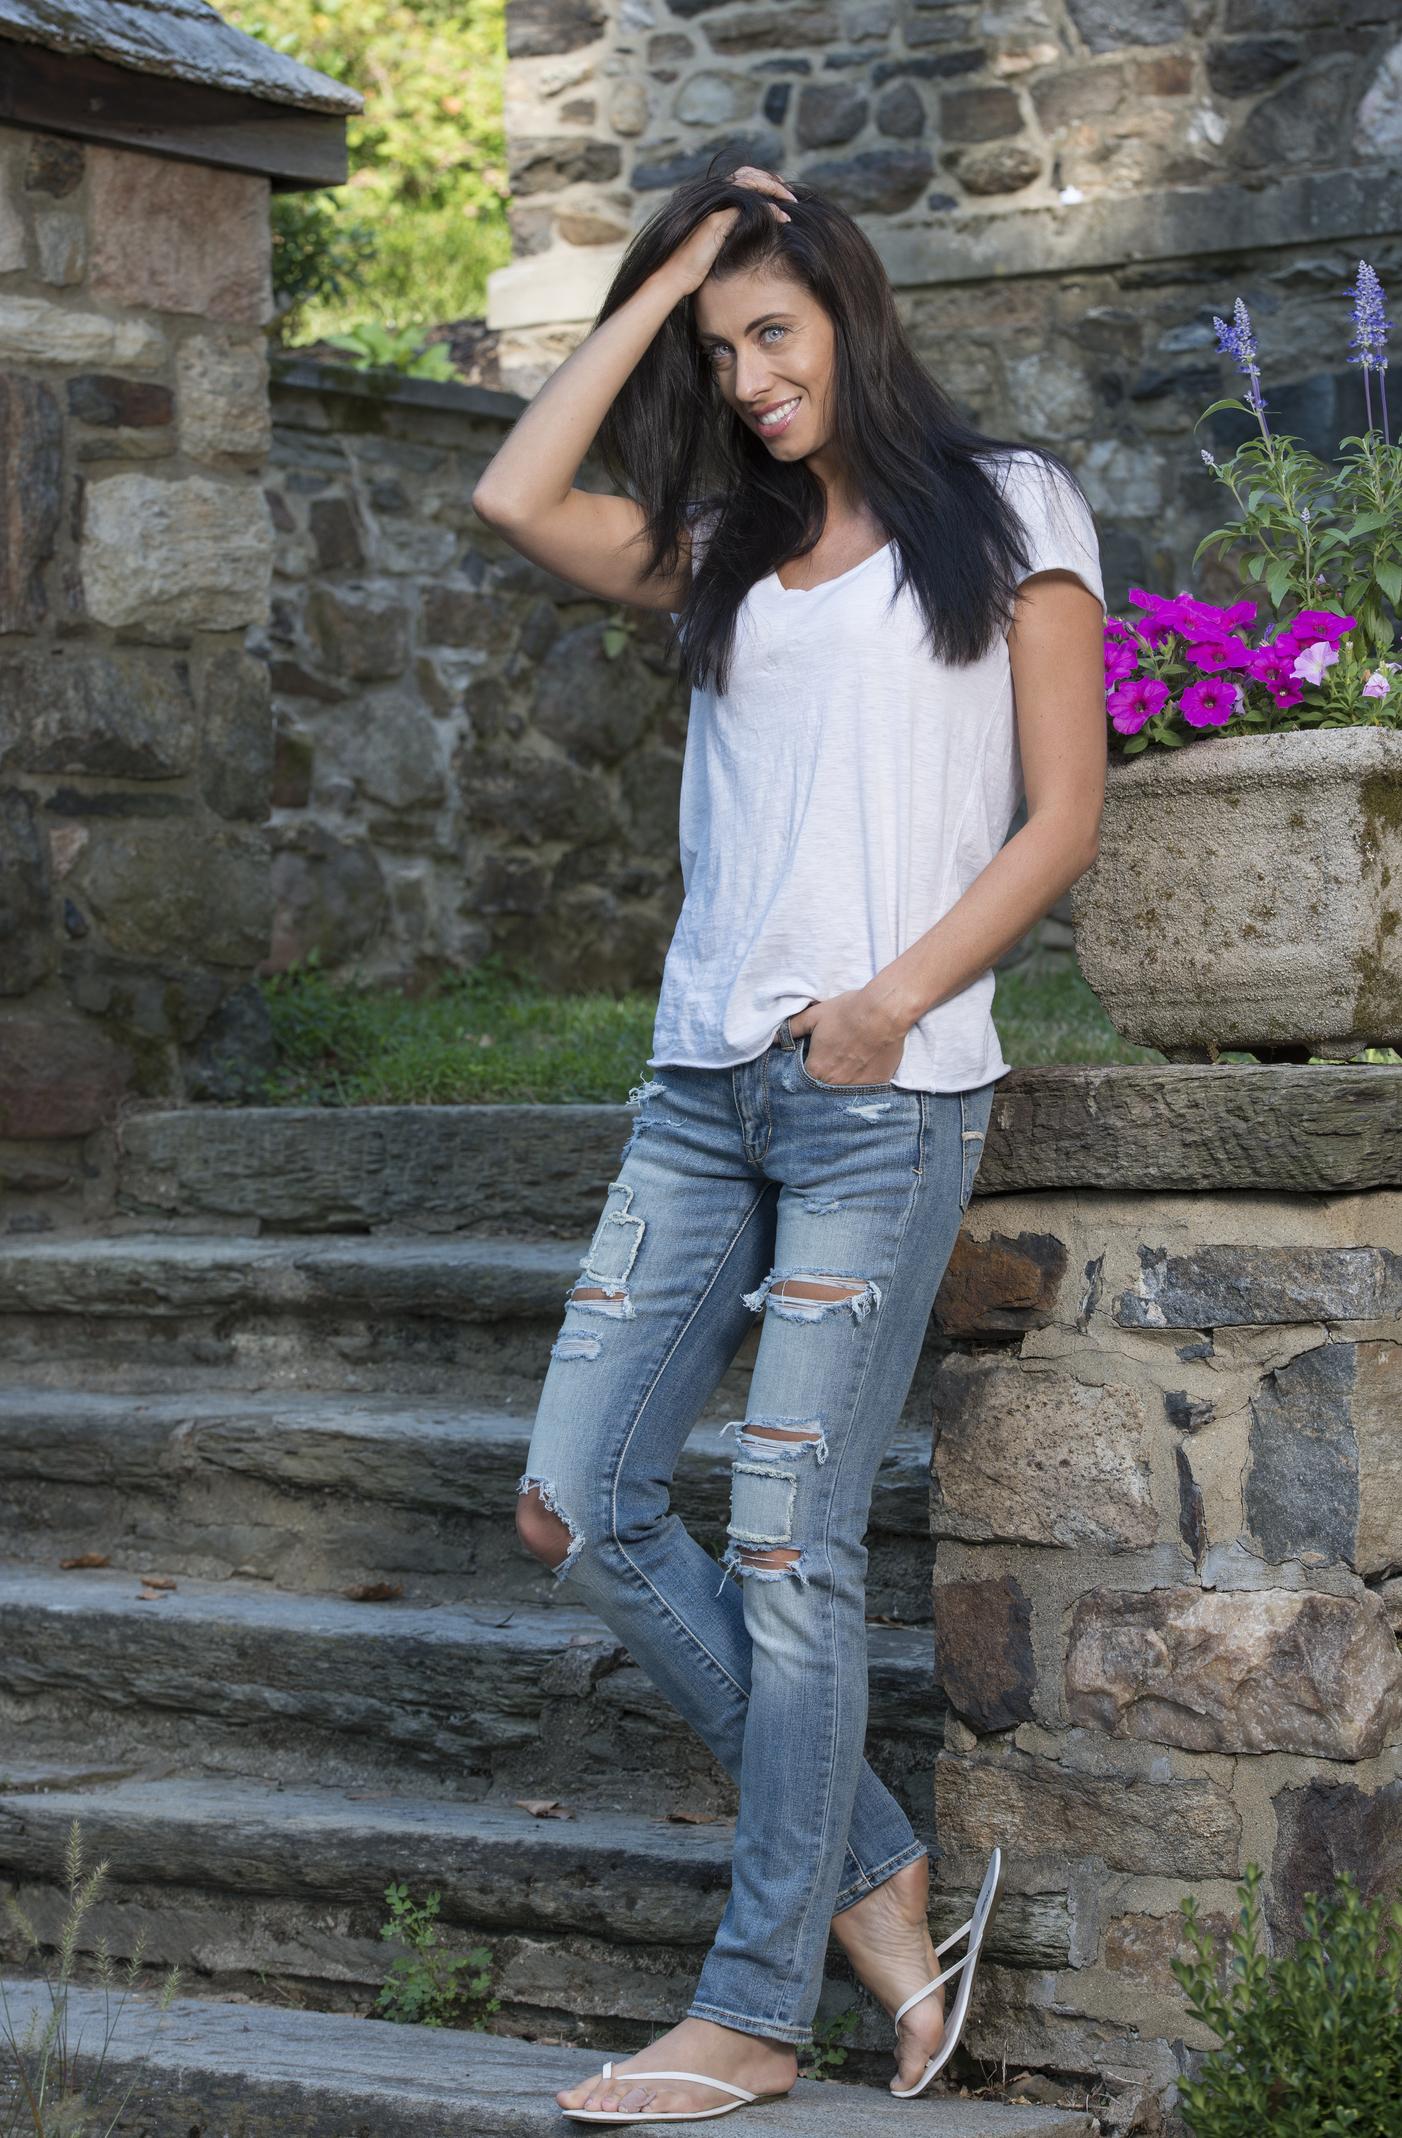 image Comment utiliser vieux jeans ? Recycler ses vieux jeans